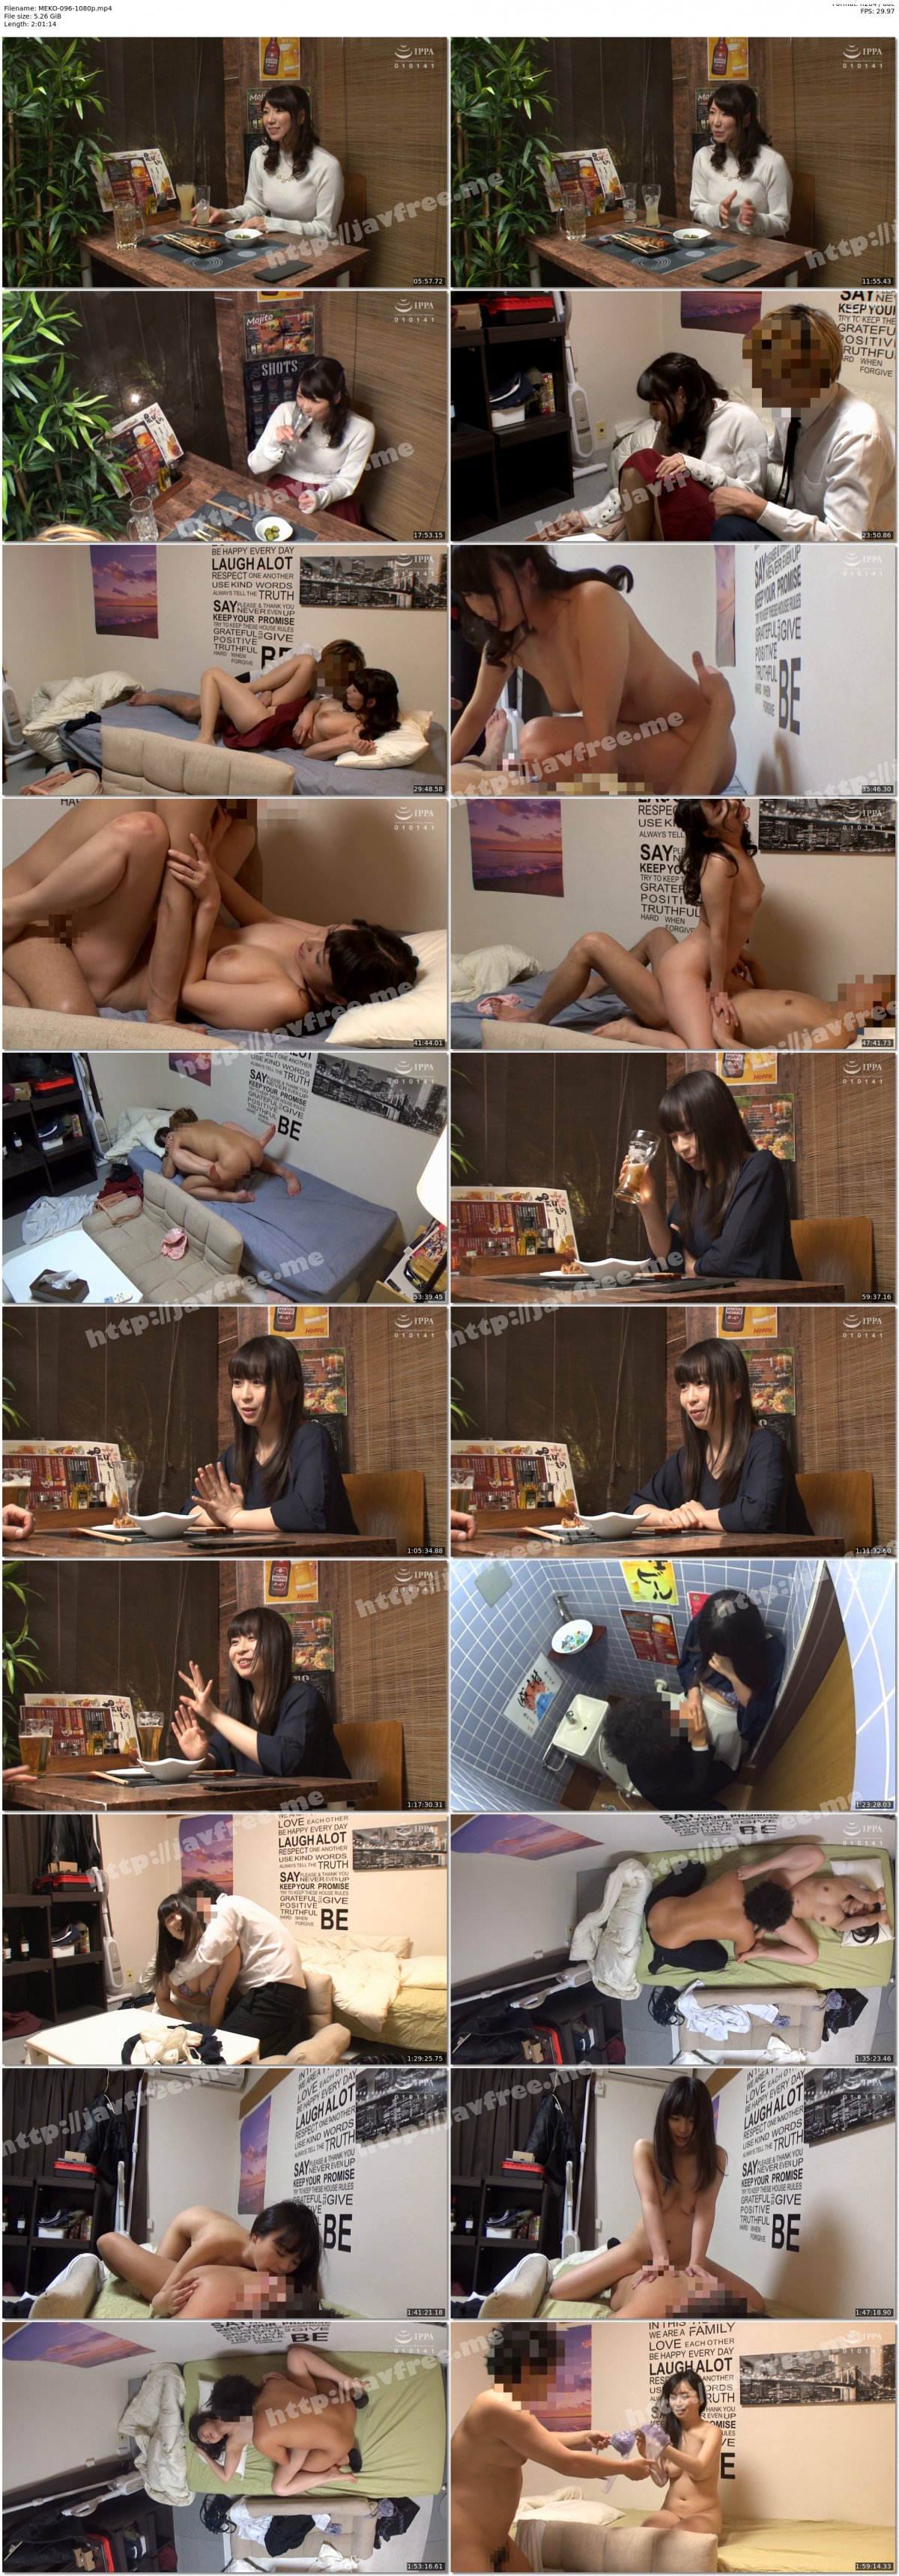 [HD][MEKO-096] 「おばさんを酔わせてどうするつもり?」若い男女で溢れ返る相席居酒屋で一人呑みしている熟女を狙い撃ちで口説いてお持ち帰り!寂しさと欲求不満が募った素人奥さんの乾いたカラダはよく濡れる!!VOL.21 - image MEKO-096-1080p on https://javfree.me